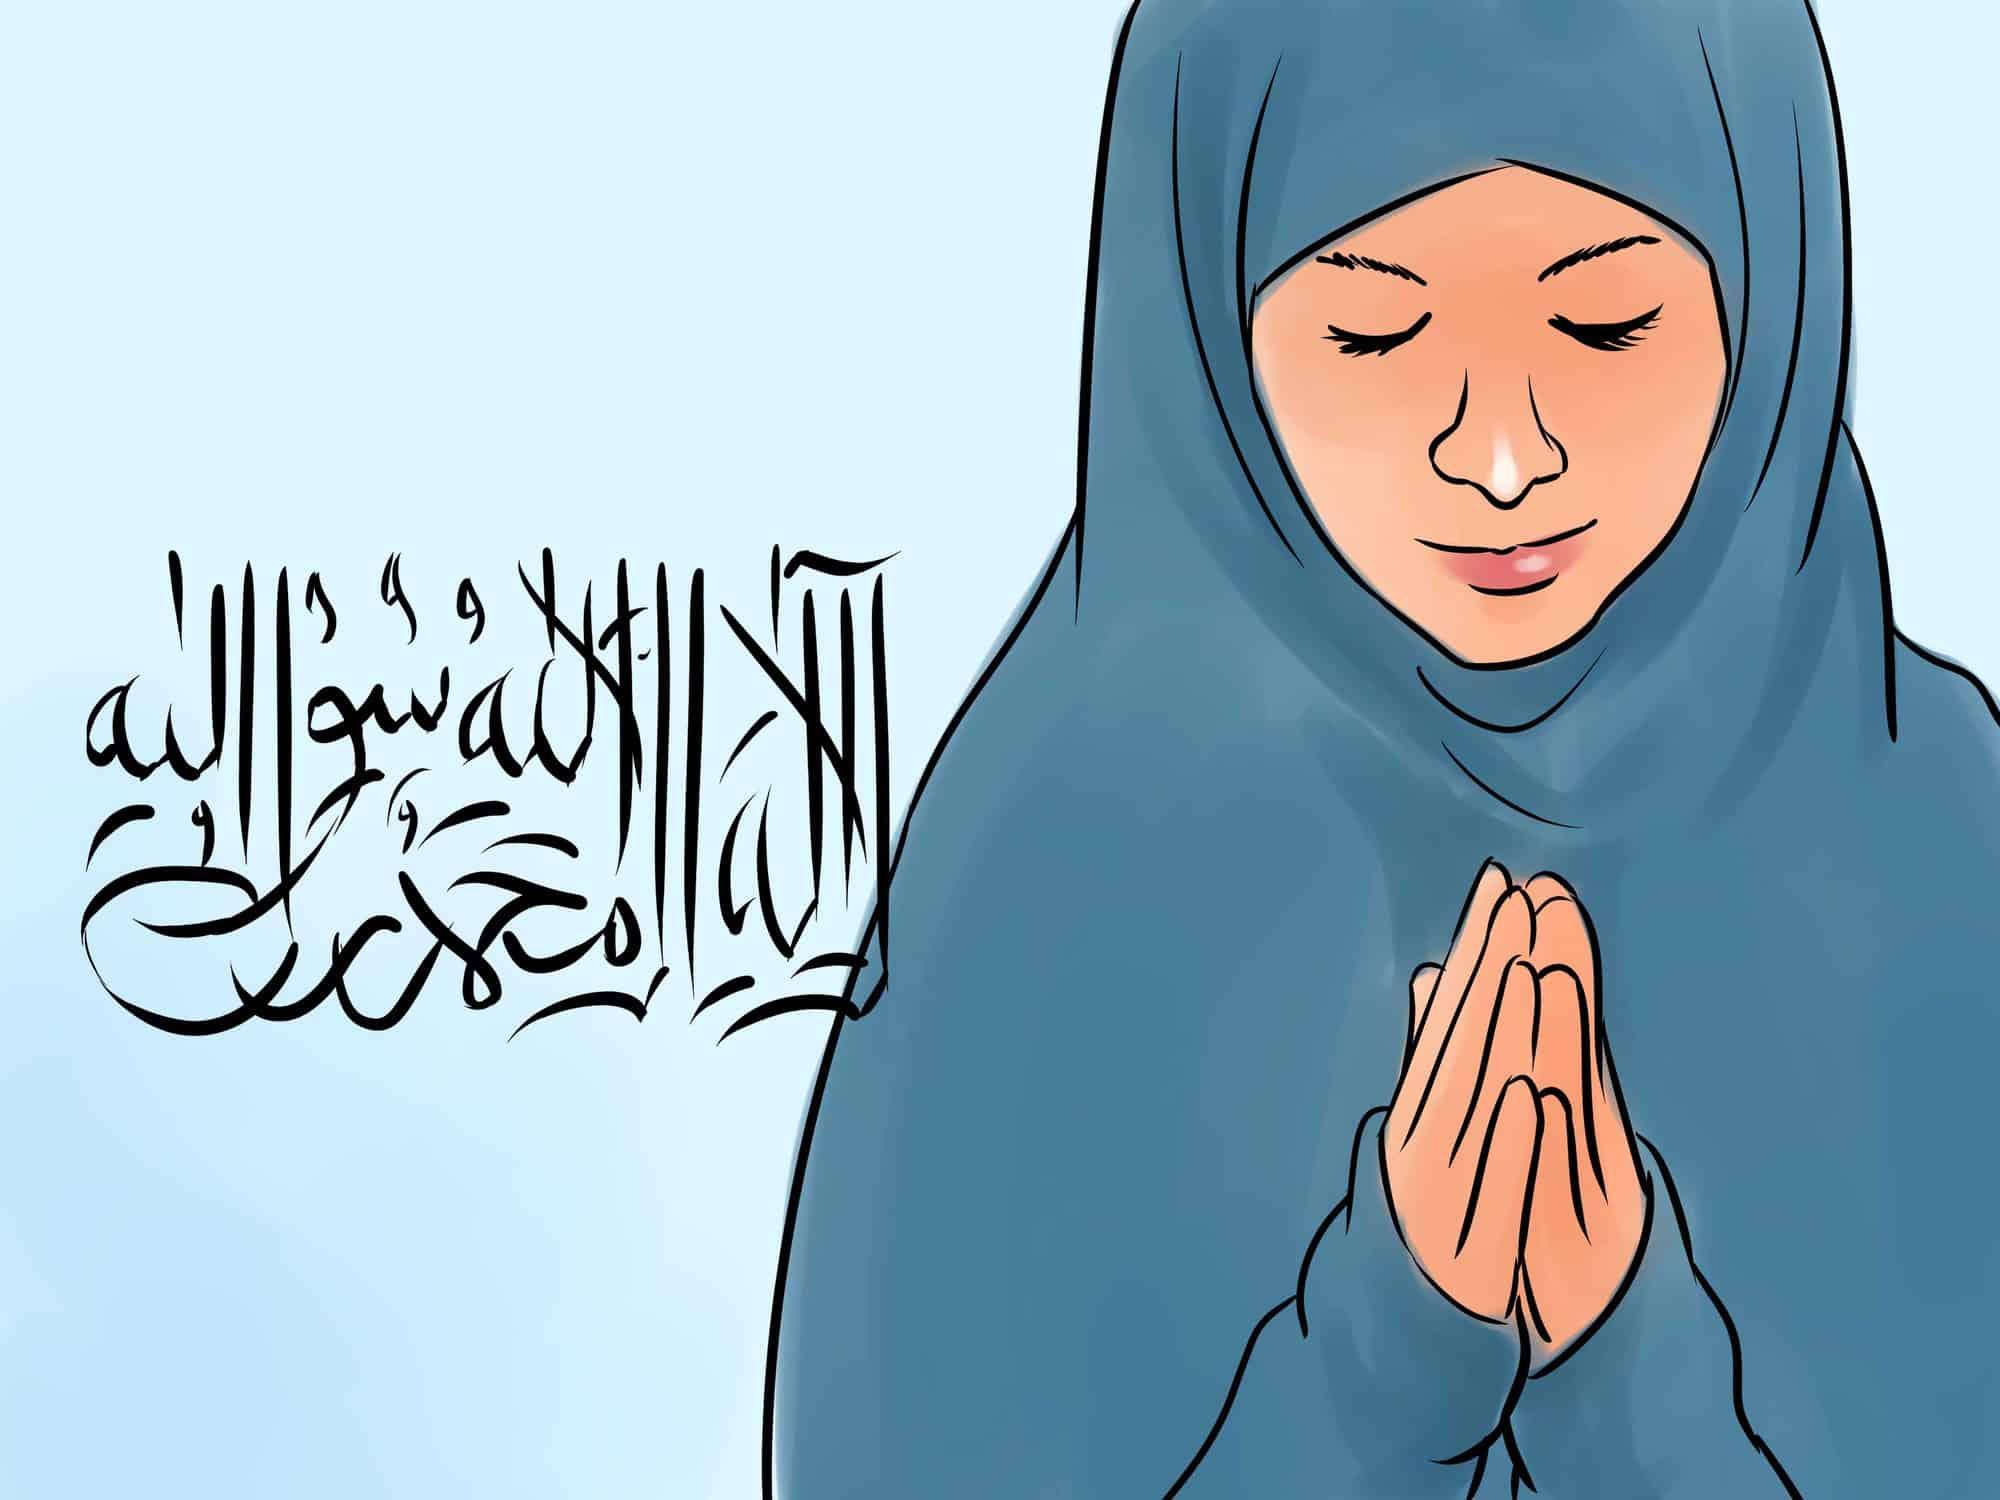 بالصور تفسير حلم الصلاة للمتزوجة , معنى رؤيا الصلاة بالمنام 551 2